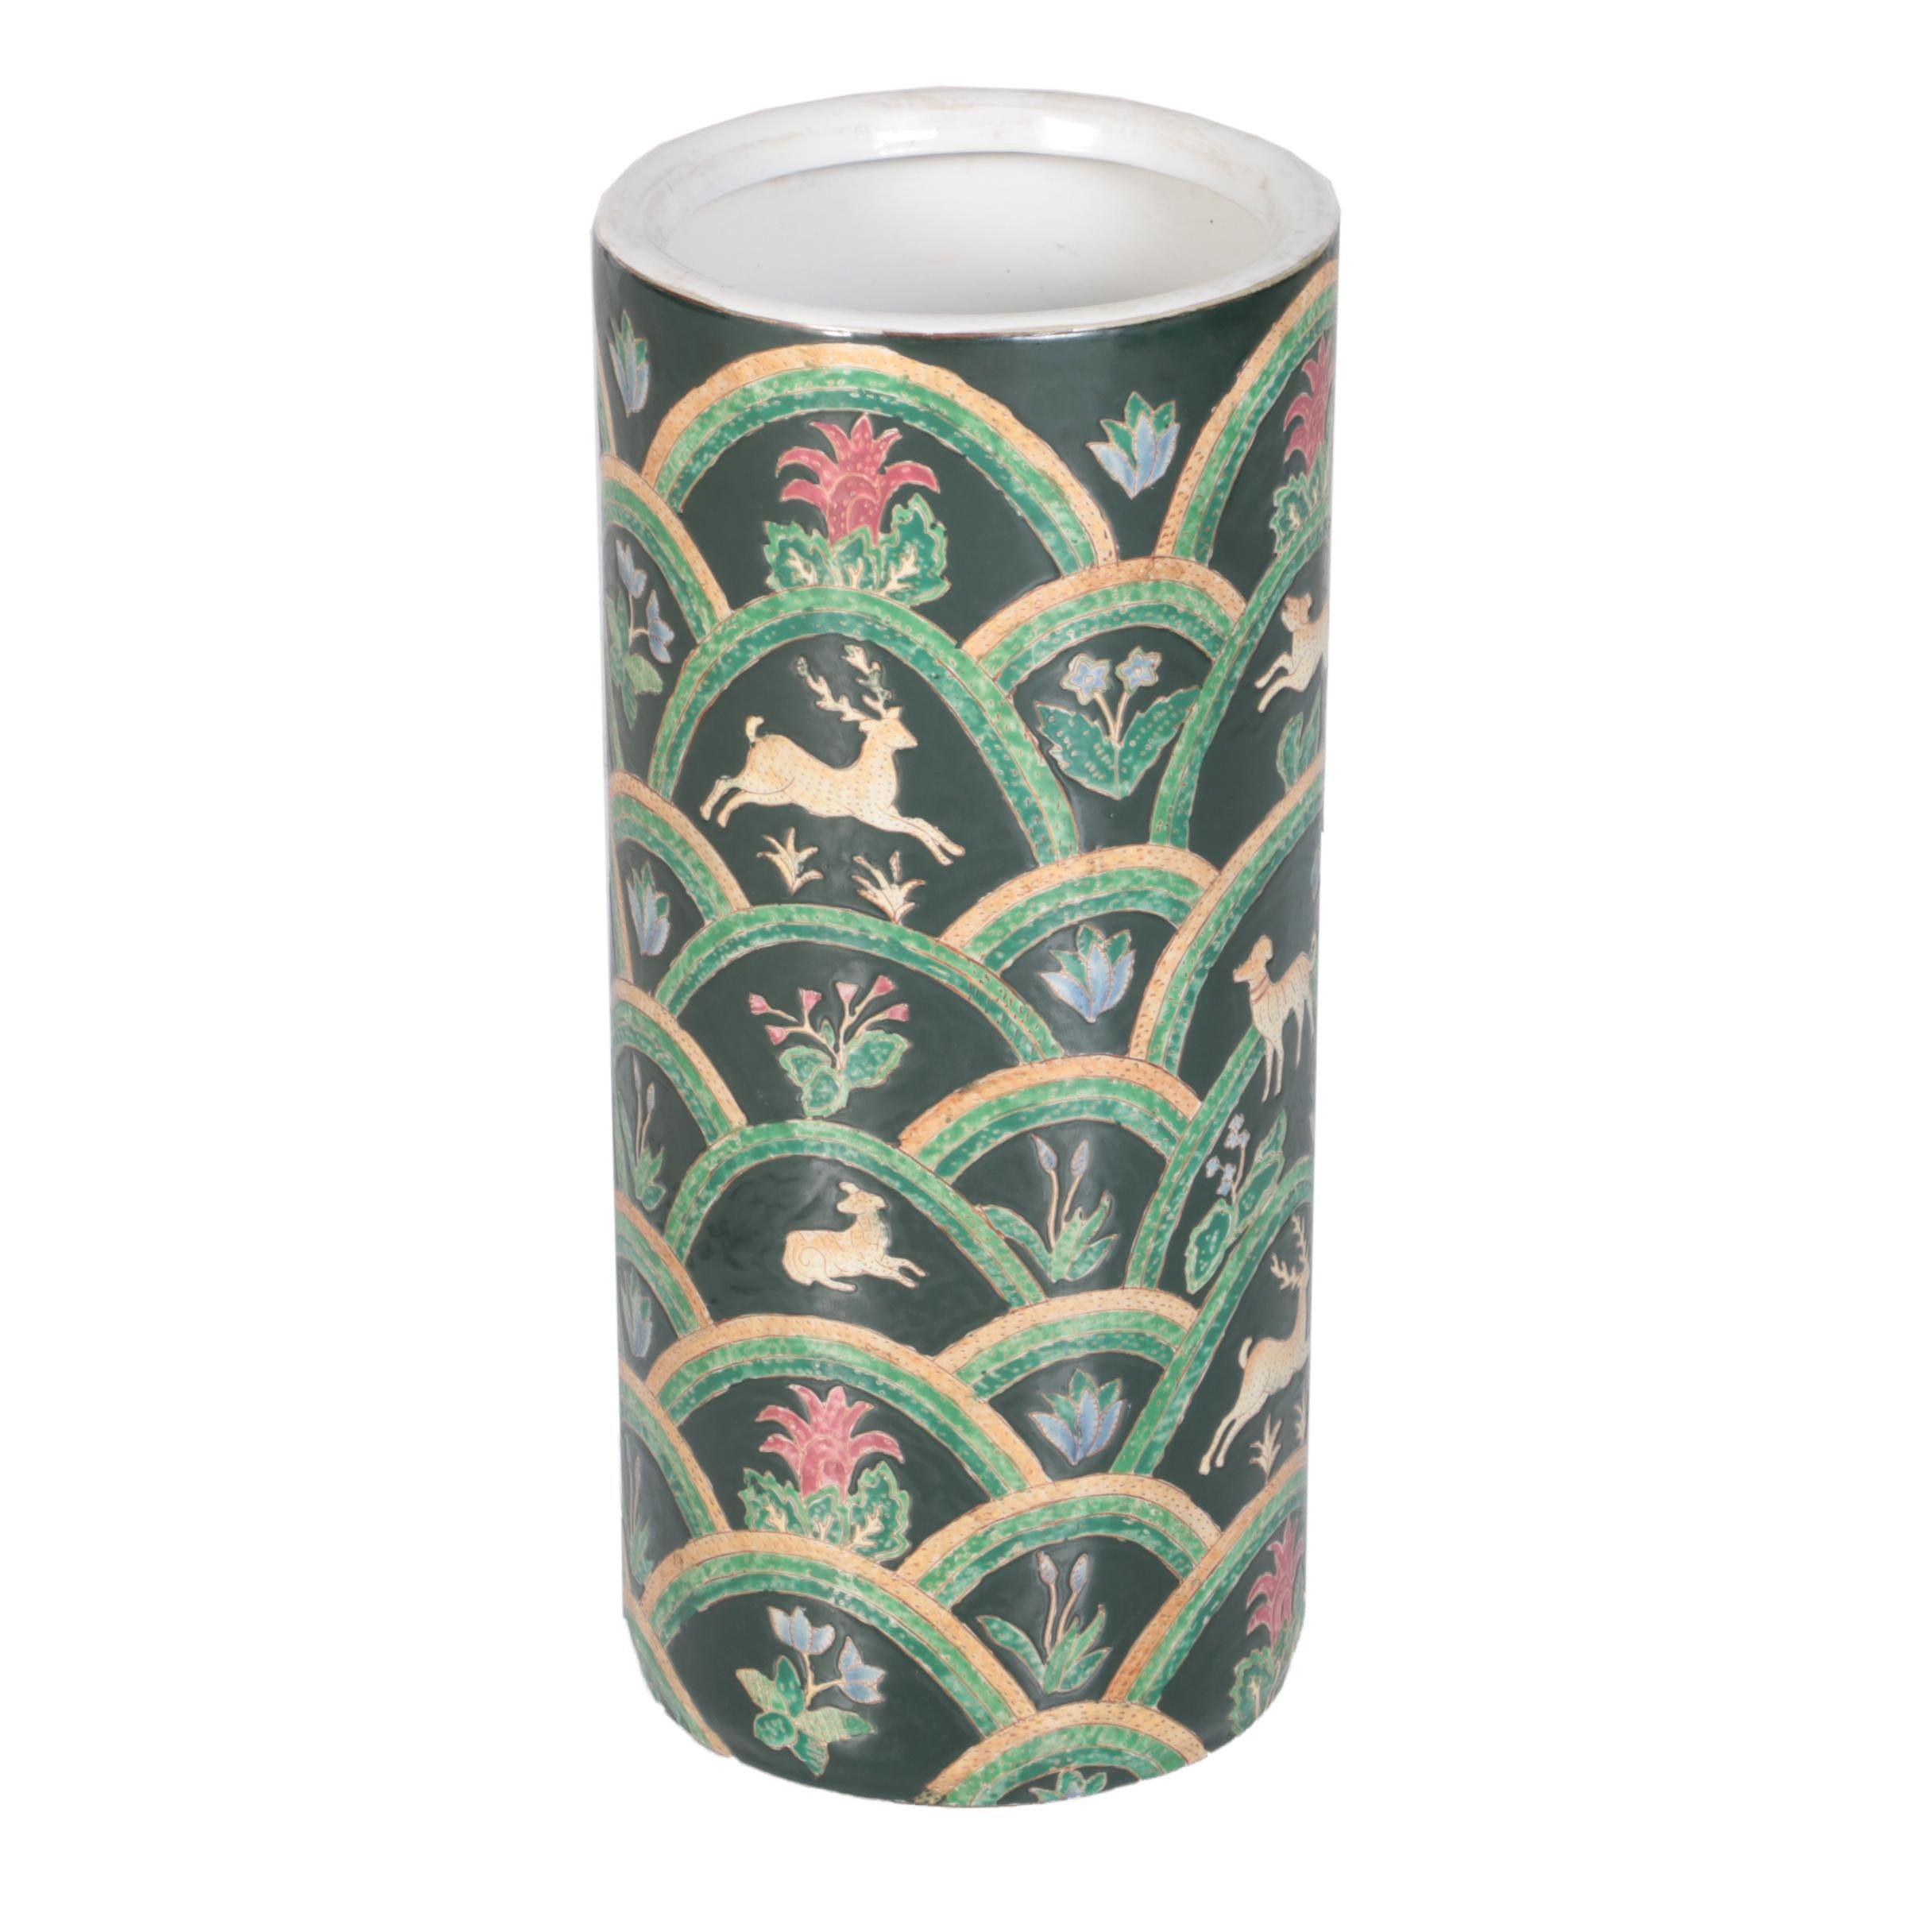 Chinese Decorative Ceramic Umbrella Stand